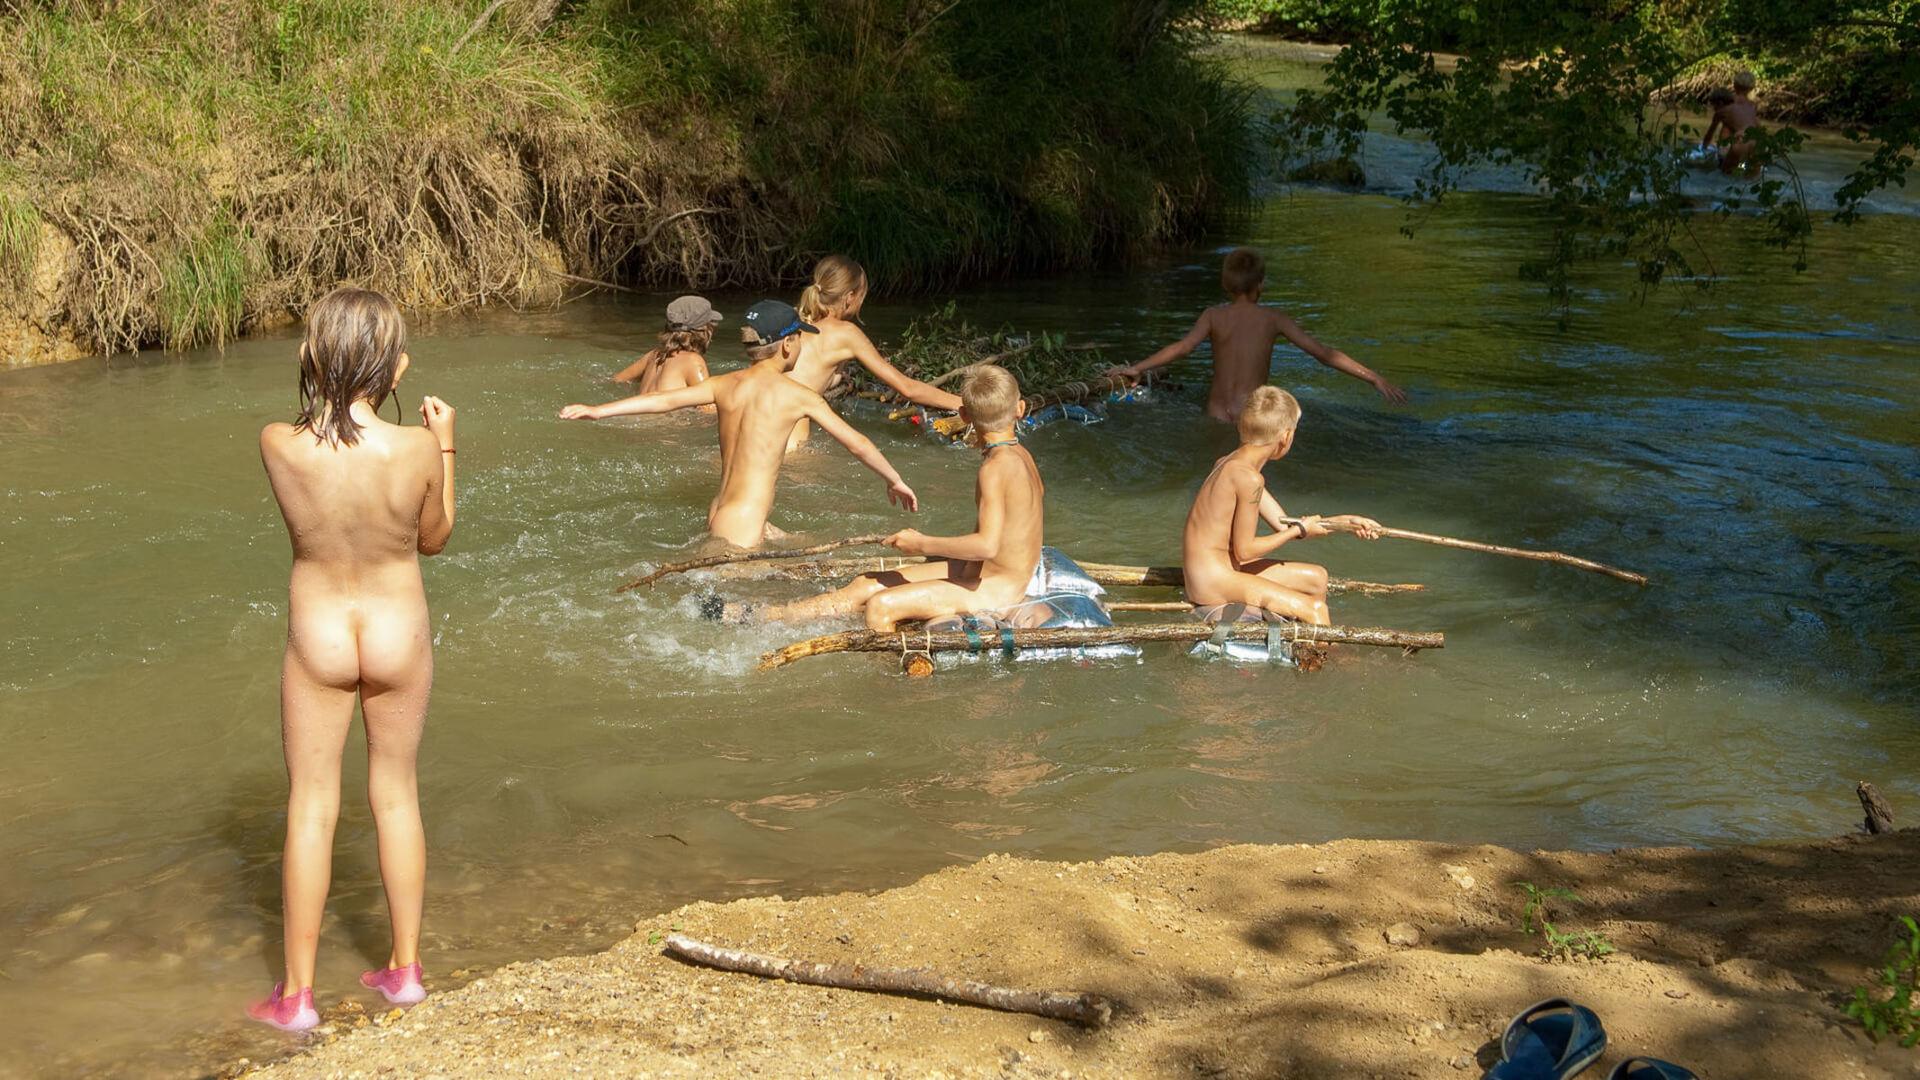 camping naturista con río